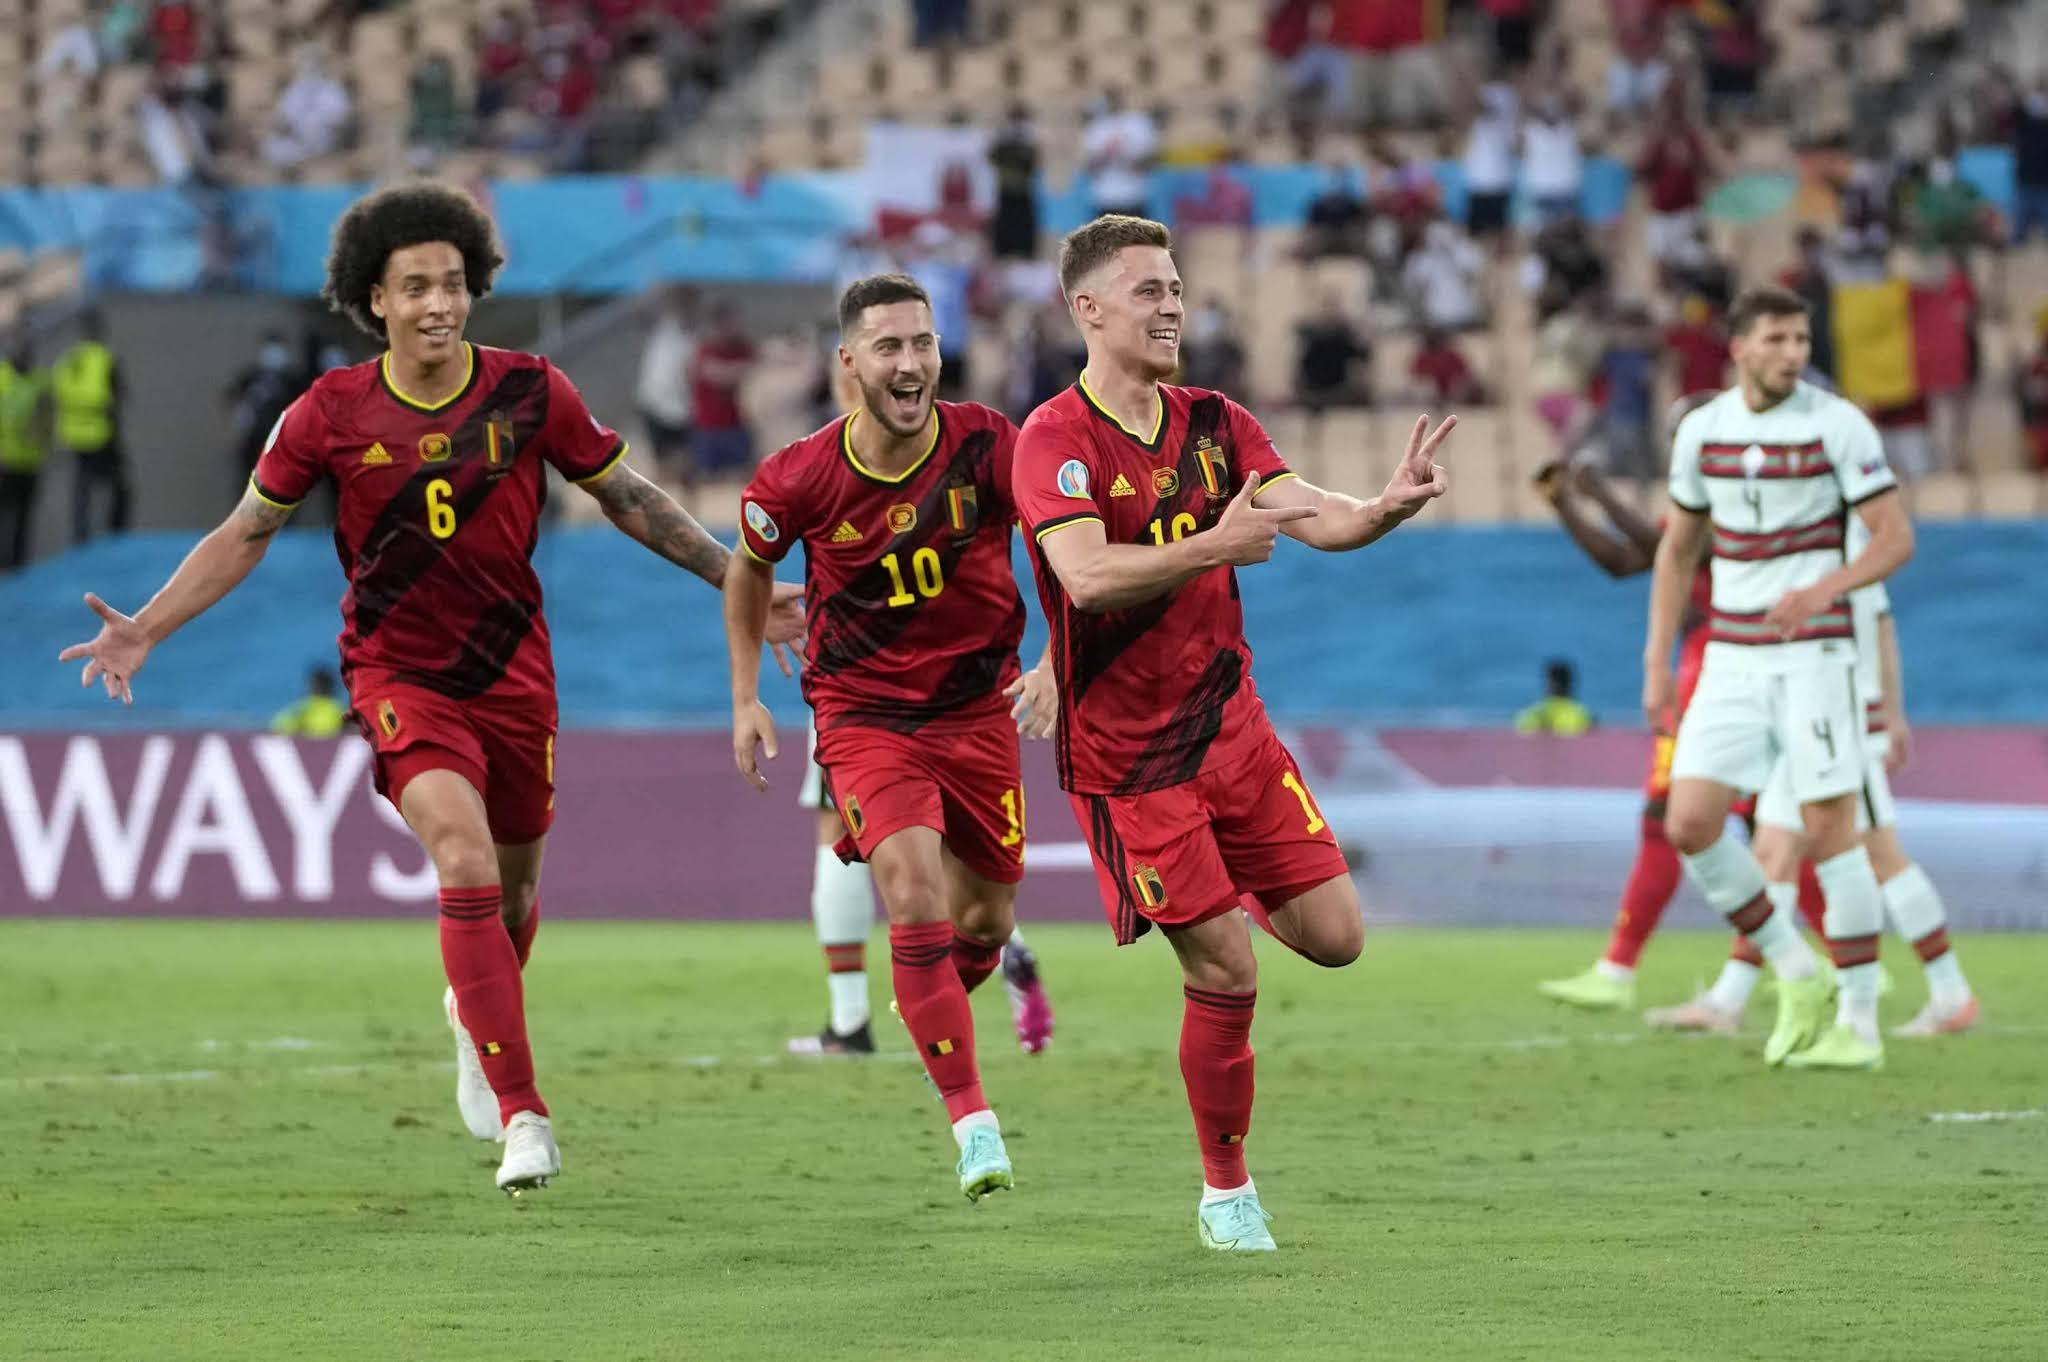 Bélgica eliminó al Portugal de Cristiano Ronaldo y República Checa dio la sorpresa